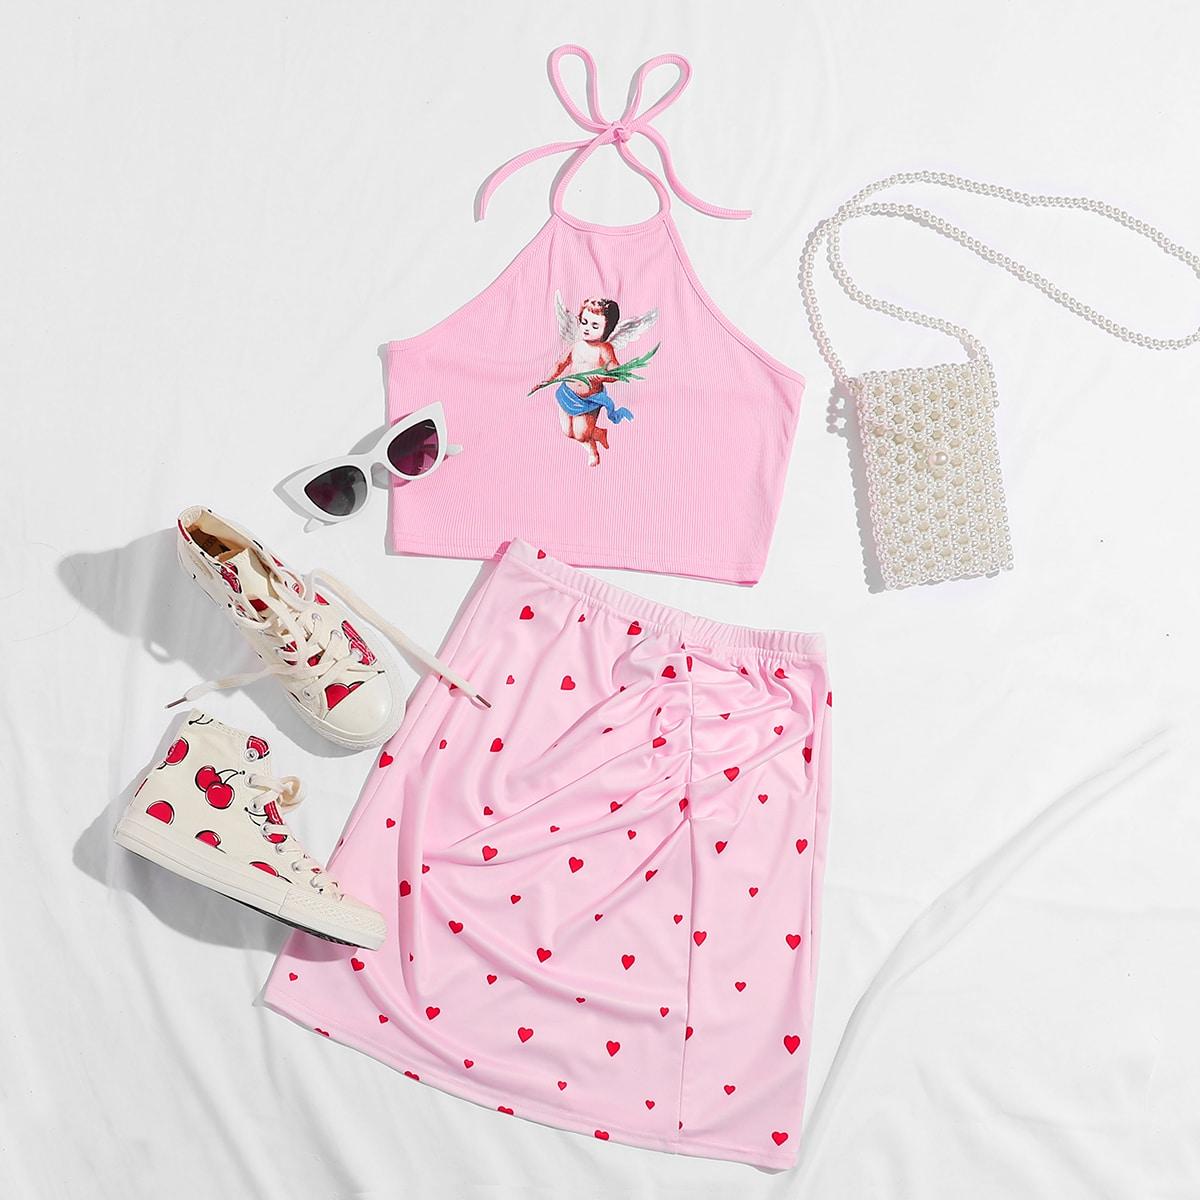 SHEIN / Conjunto top halter con estampado de figura con falda con estampado de corazón